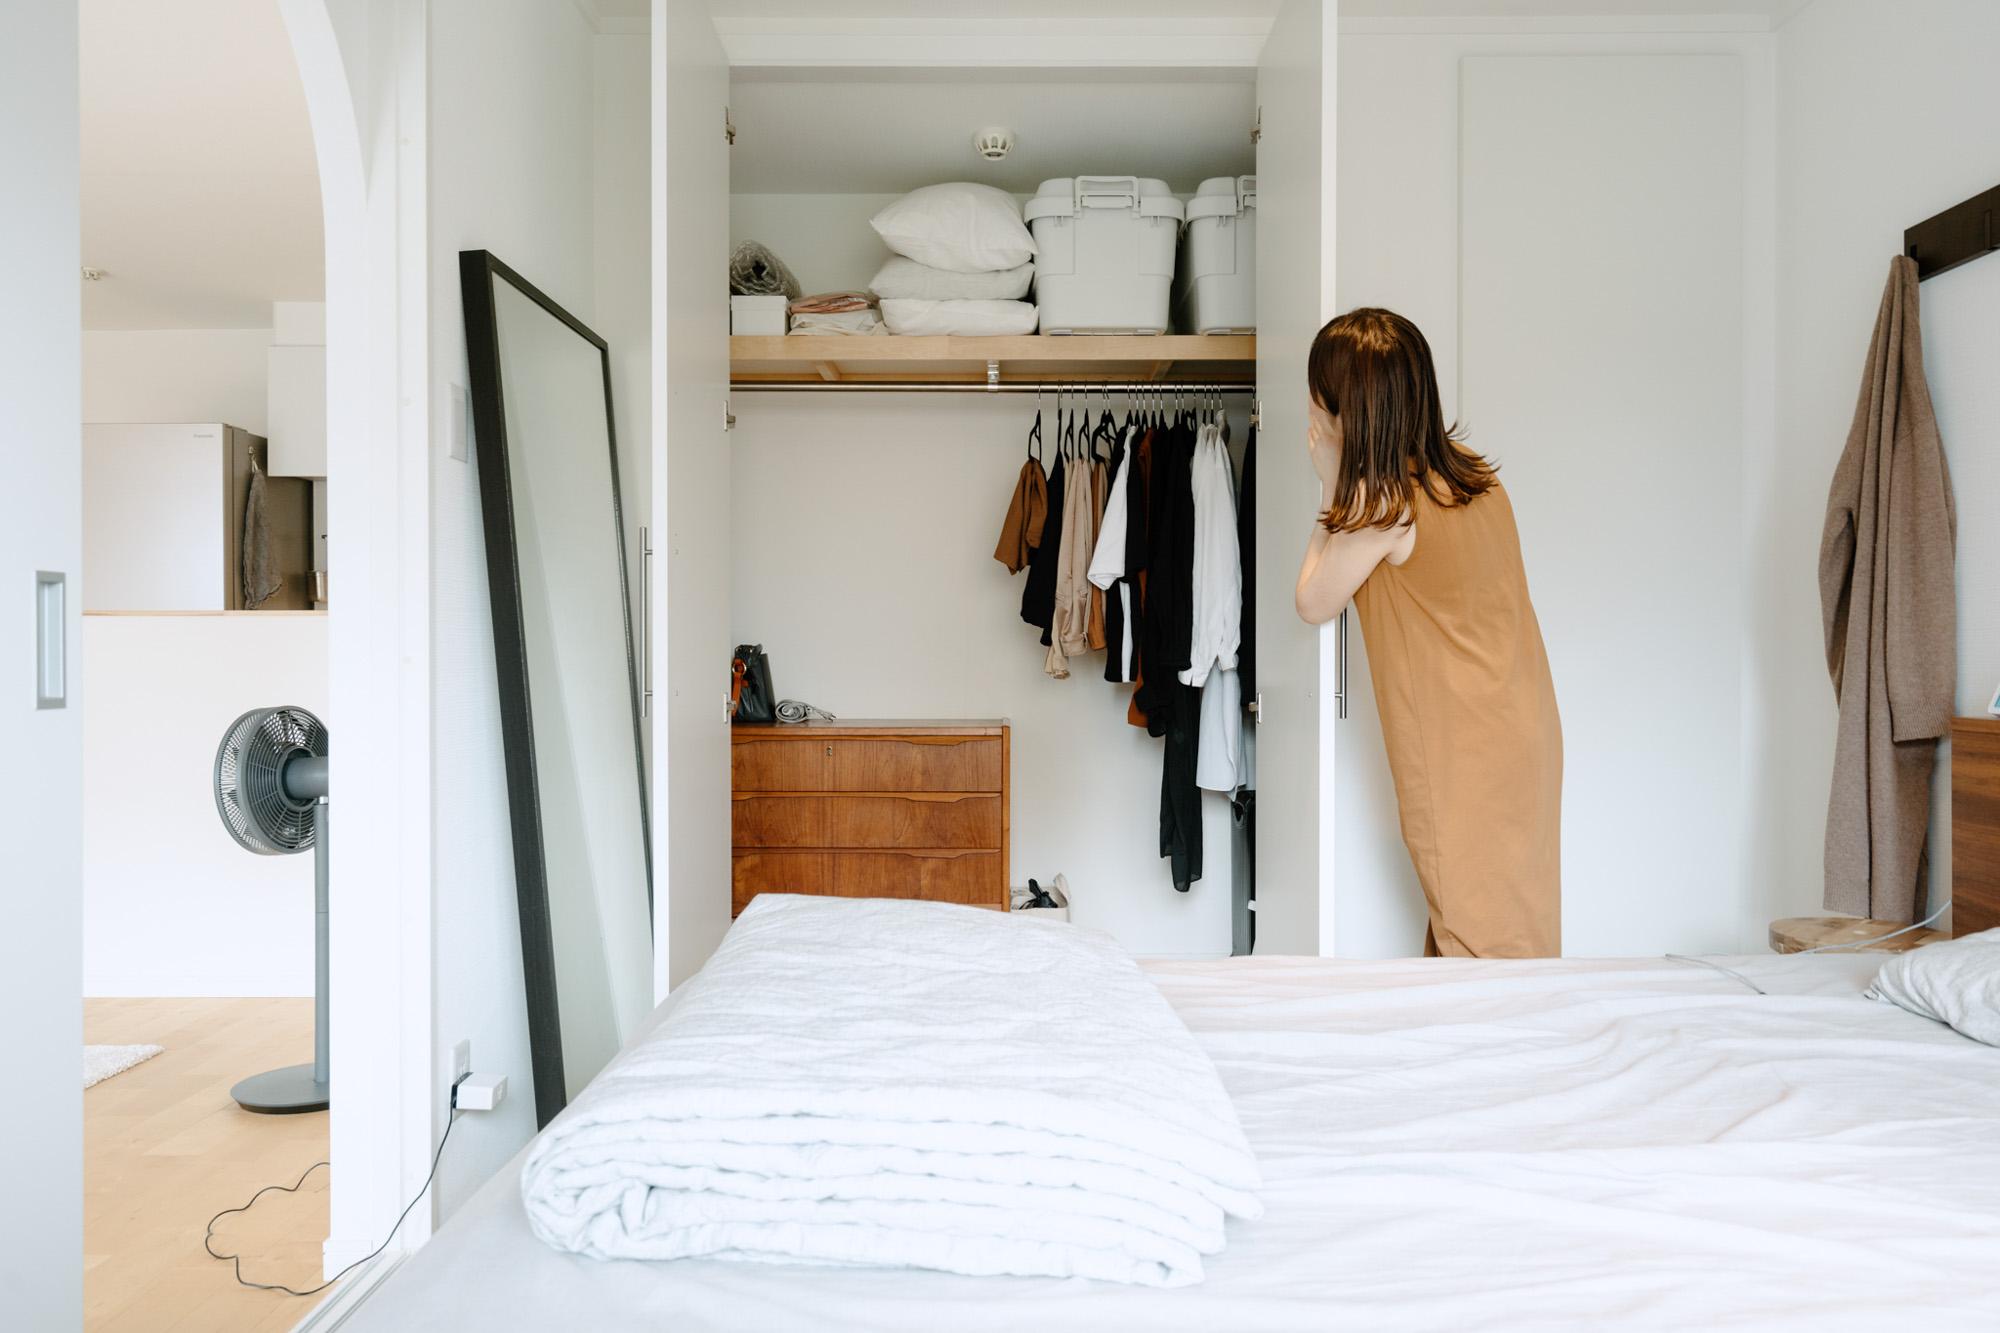 クローゼットの中も、かなりシンプル。服の数も本当に必要な分だけに絞られています。